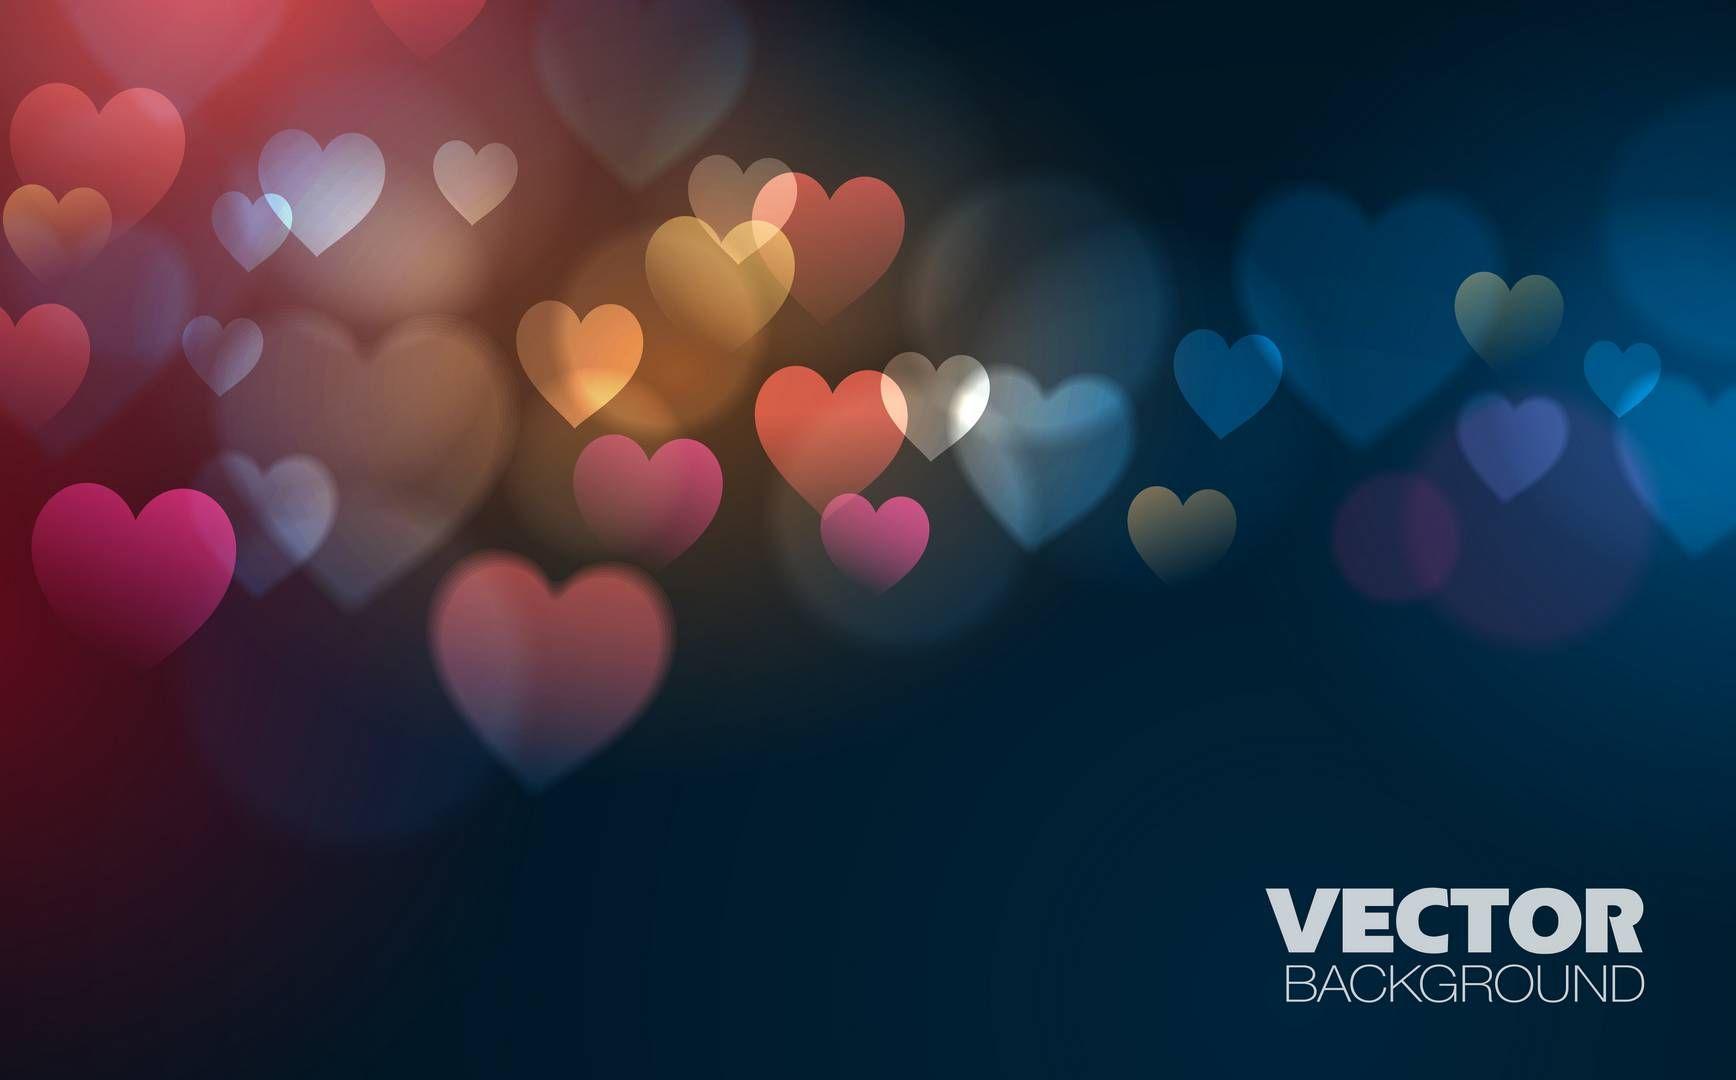 Valentine-day-wallpaper | Valentines Day | Pinterest | Wallpaper ...